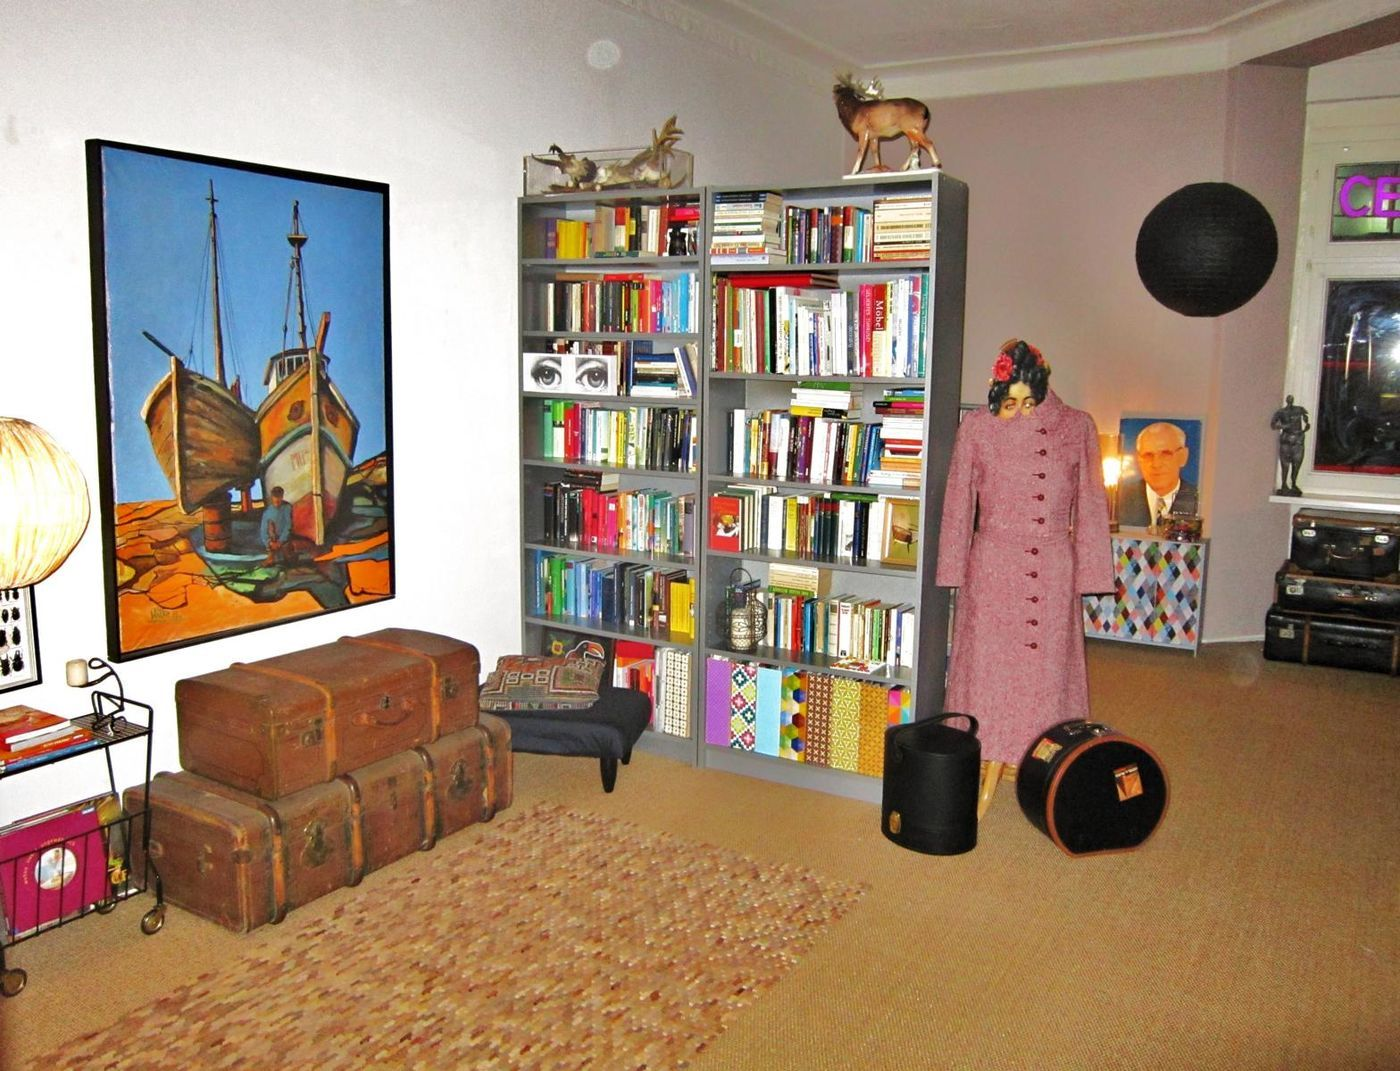 Full Size of Ikea Raumteiler Küche Kaufen Sofa Mit Schlaffunktion Regal Miniküche Betten Bei Kosten Modulküche 160x200 Wohnzimmer Ikea Raumteiler